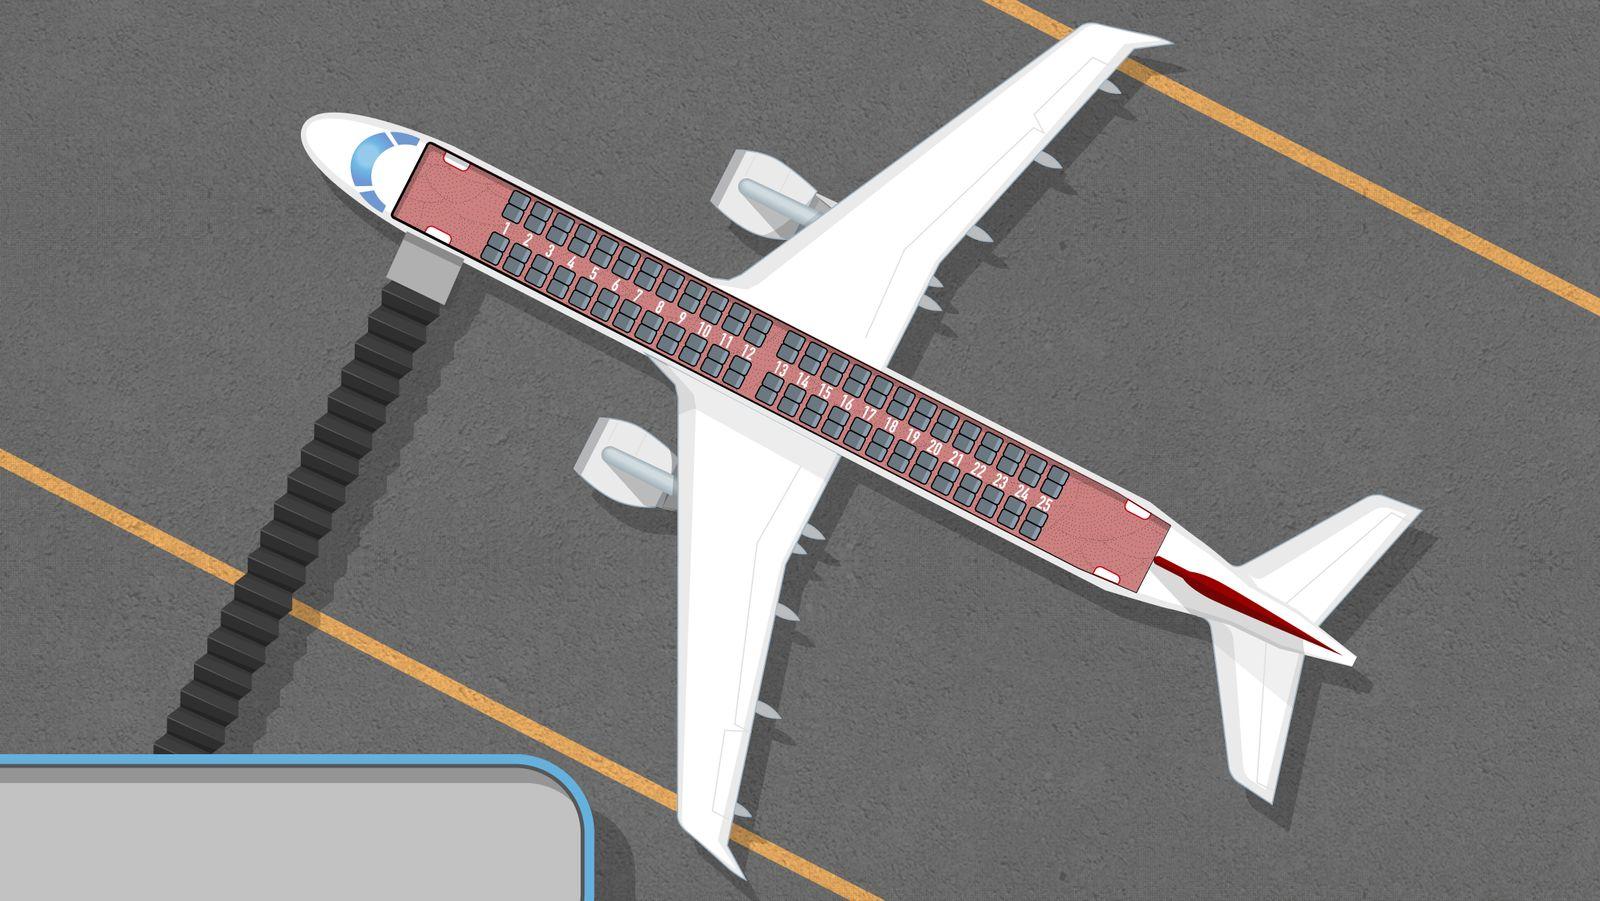 RDW Flugzeug Sitzplätze Sizetest v3